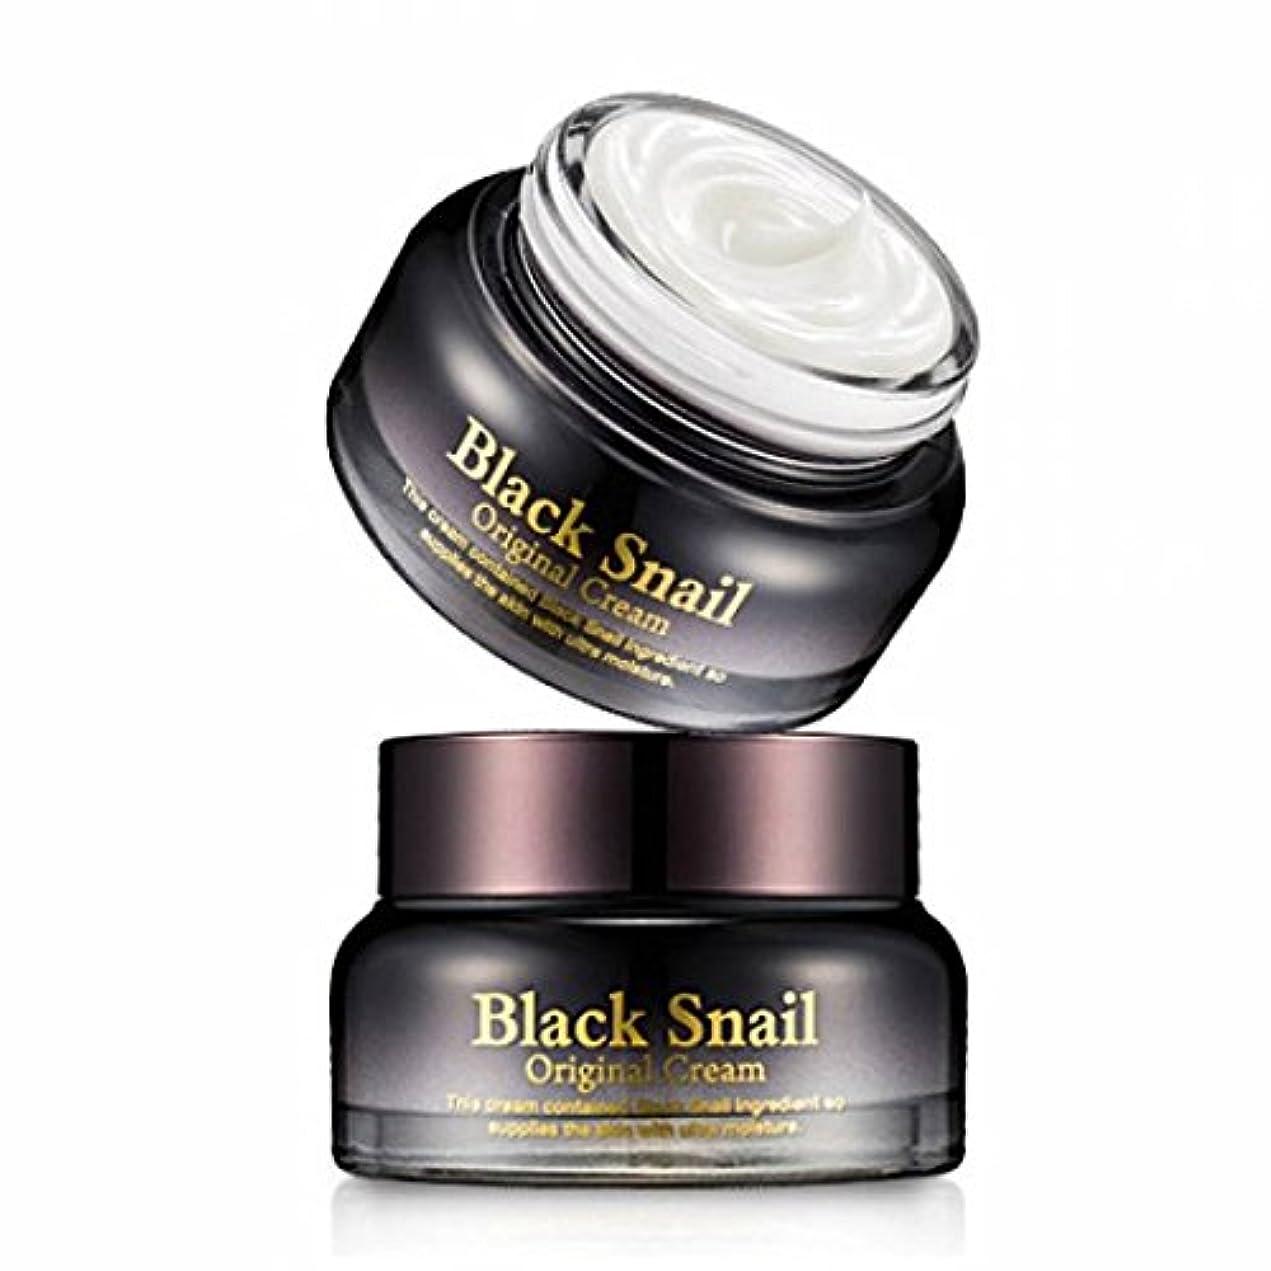 ピッチャー尊敬するパスポートシークレットキー [韓国コスメ Secret Key] ブラックスネイル オリジナルクリーム Secret Key Black Snail Original Cream [並行輸入品]